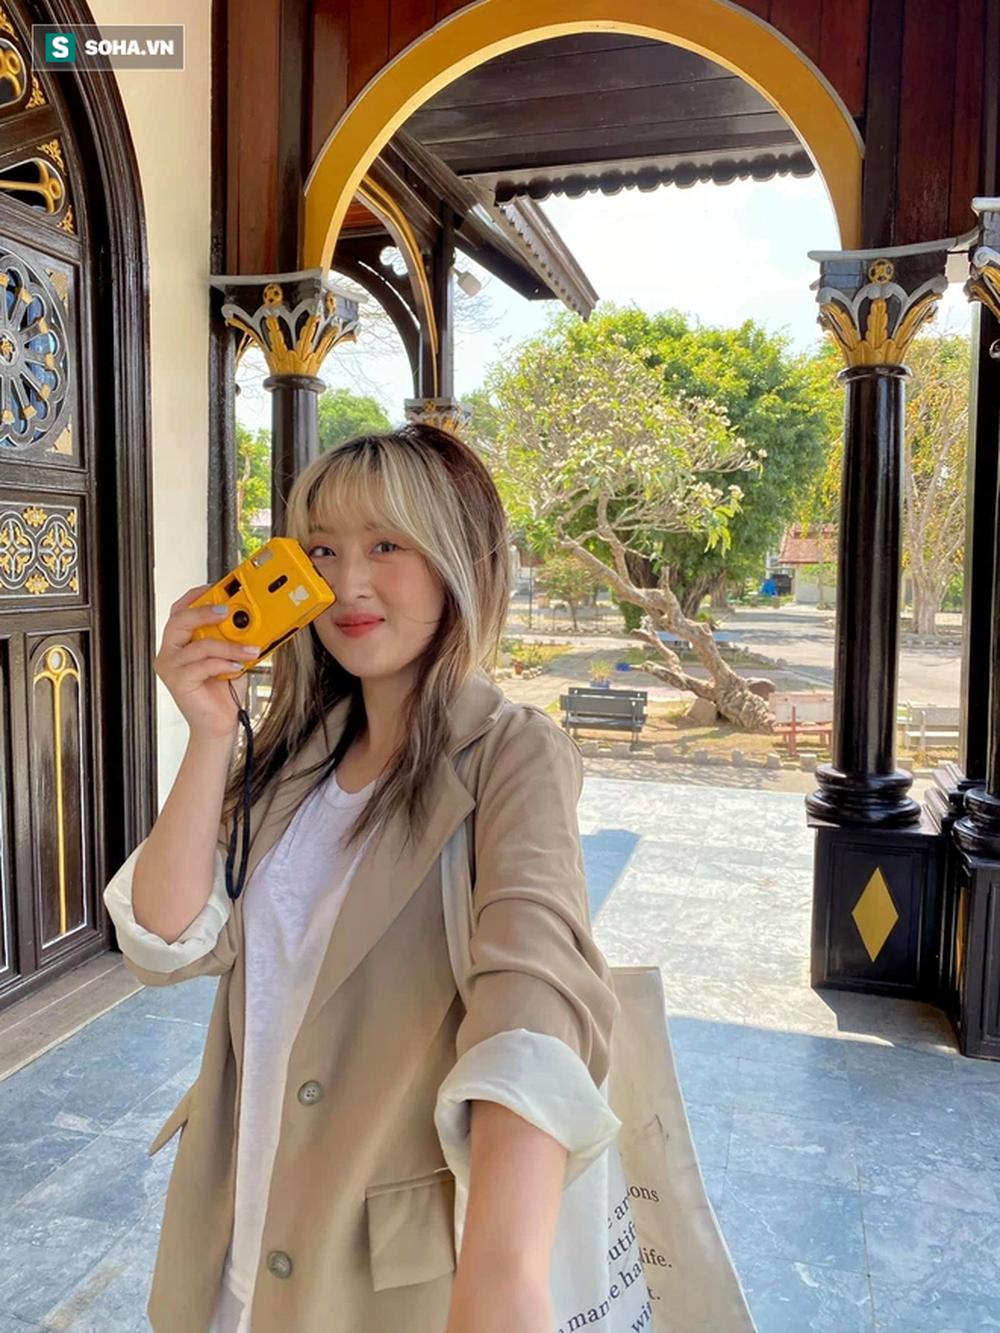 Tình cờ gặp HLV Park Hang-seo trong nhà hàng, cô gái có lời đề nghị và cái vẫy tay của ông thầy người Hàn - Ảnh 2.